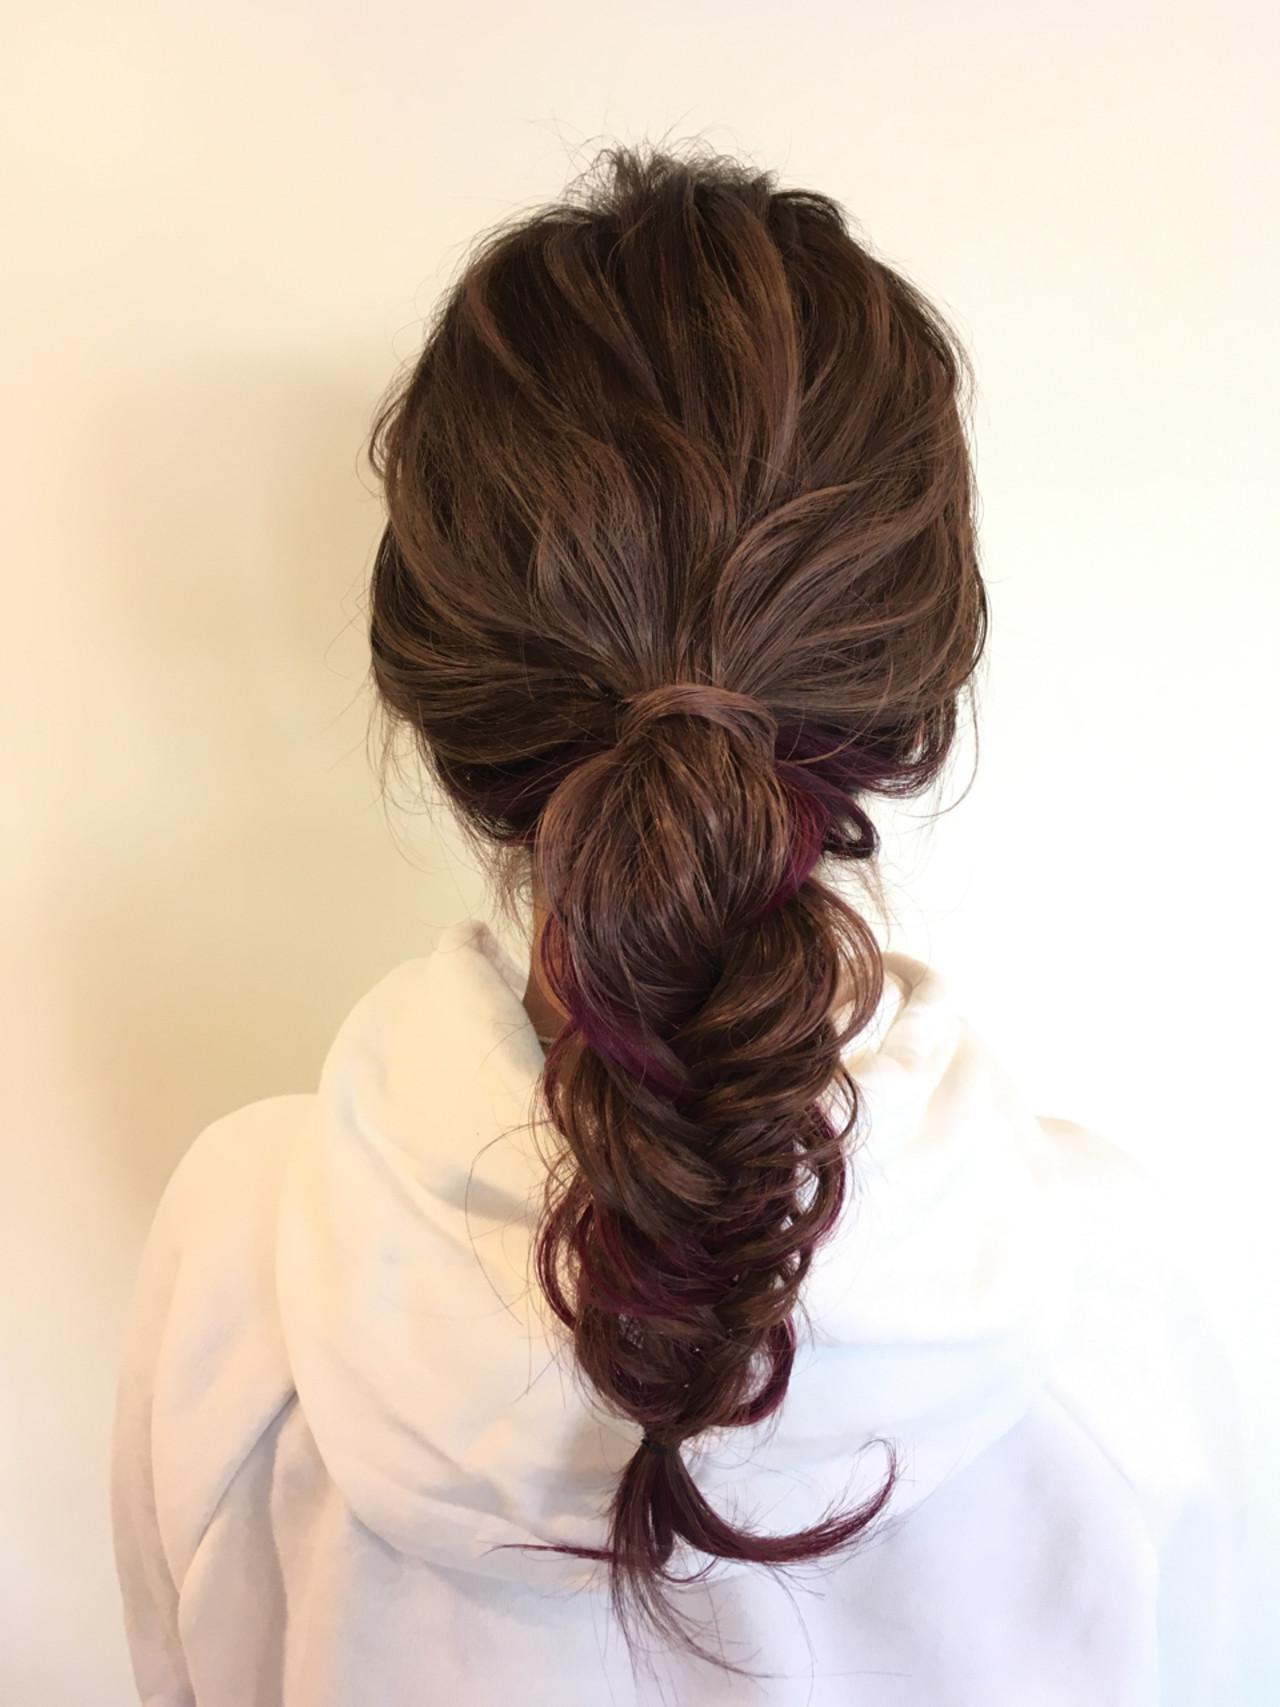 ナチュラル ヘアアレンジ 簡単ヘアアレンジ ピンク ヘアスタイルや髪型の写真・画像 | 植月あずさ / EIKON